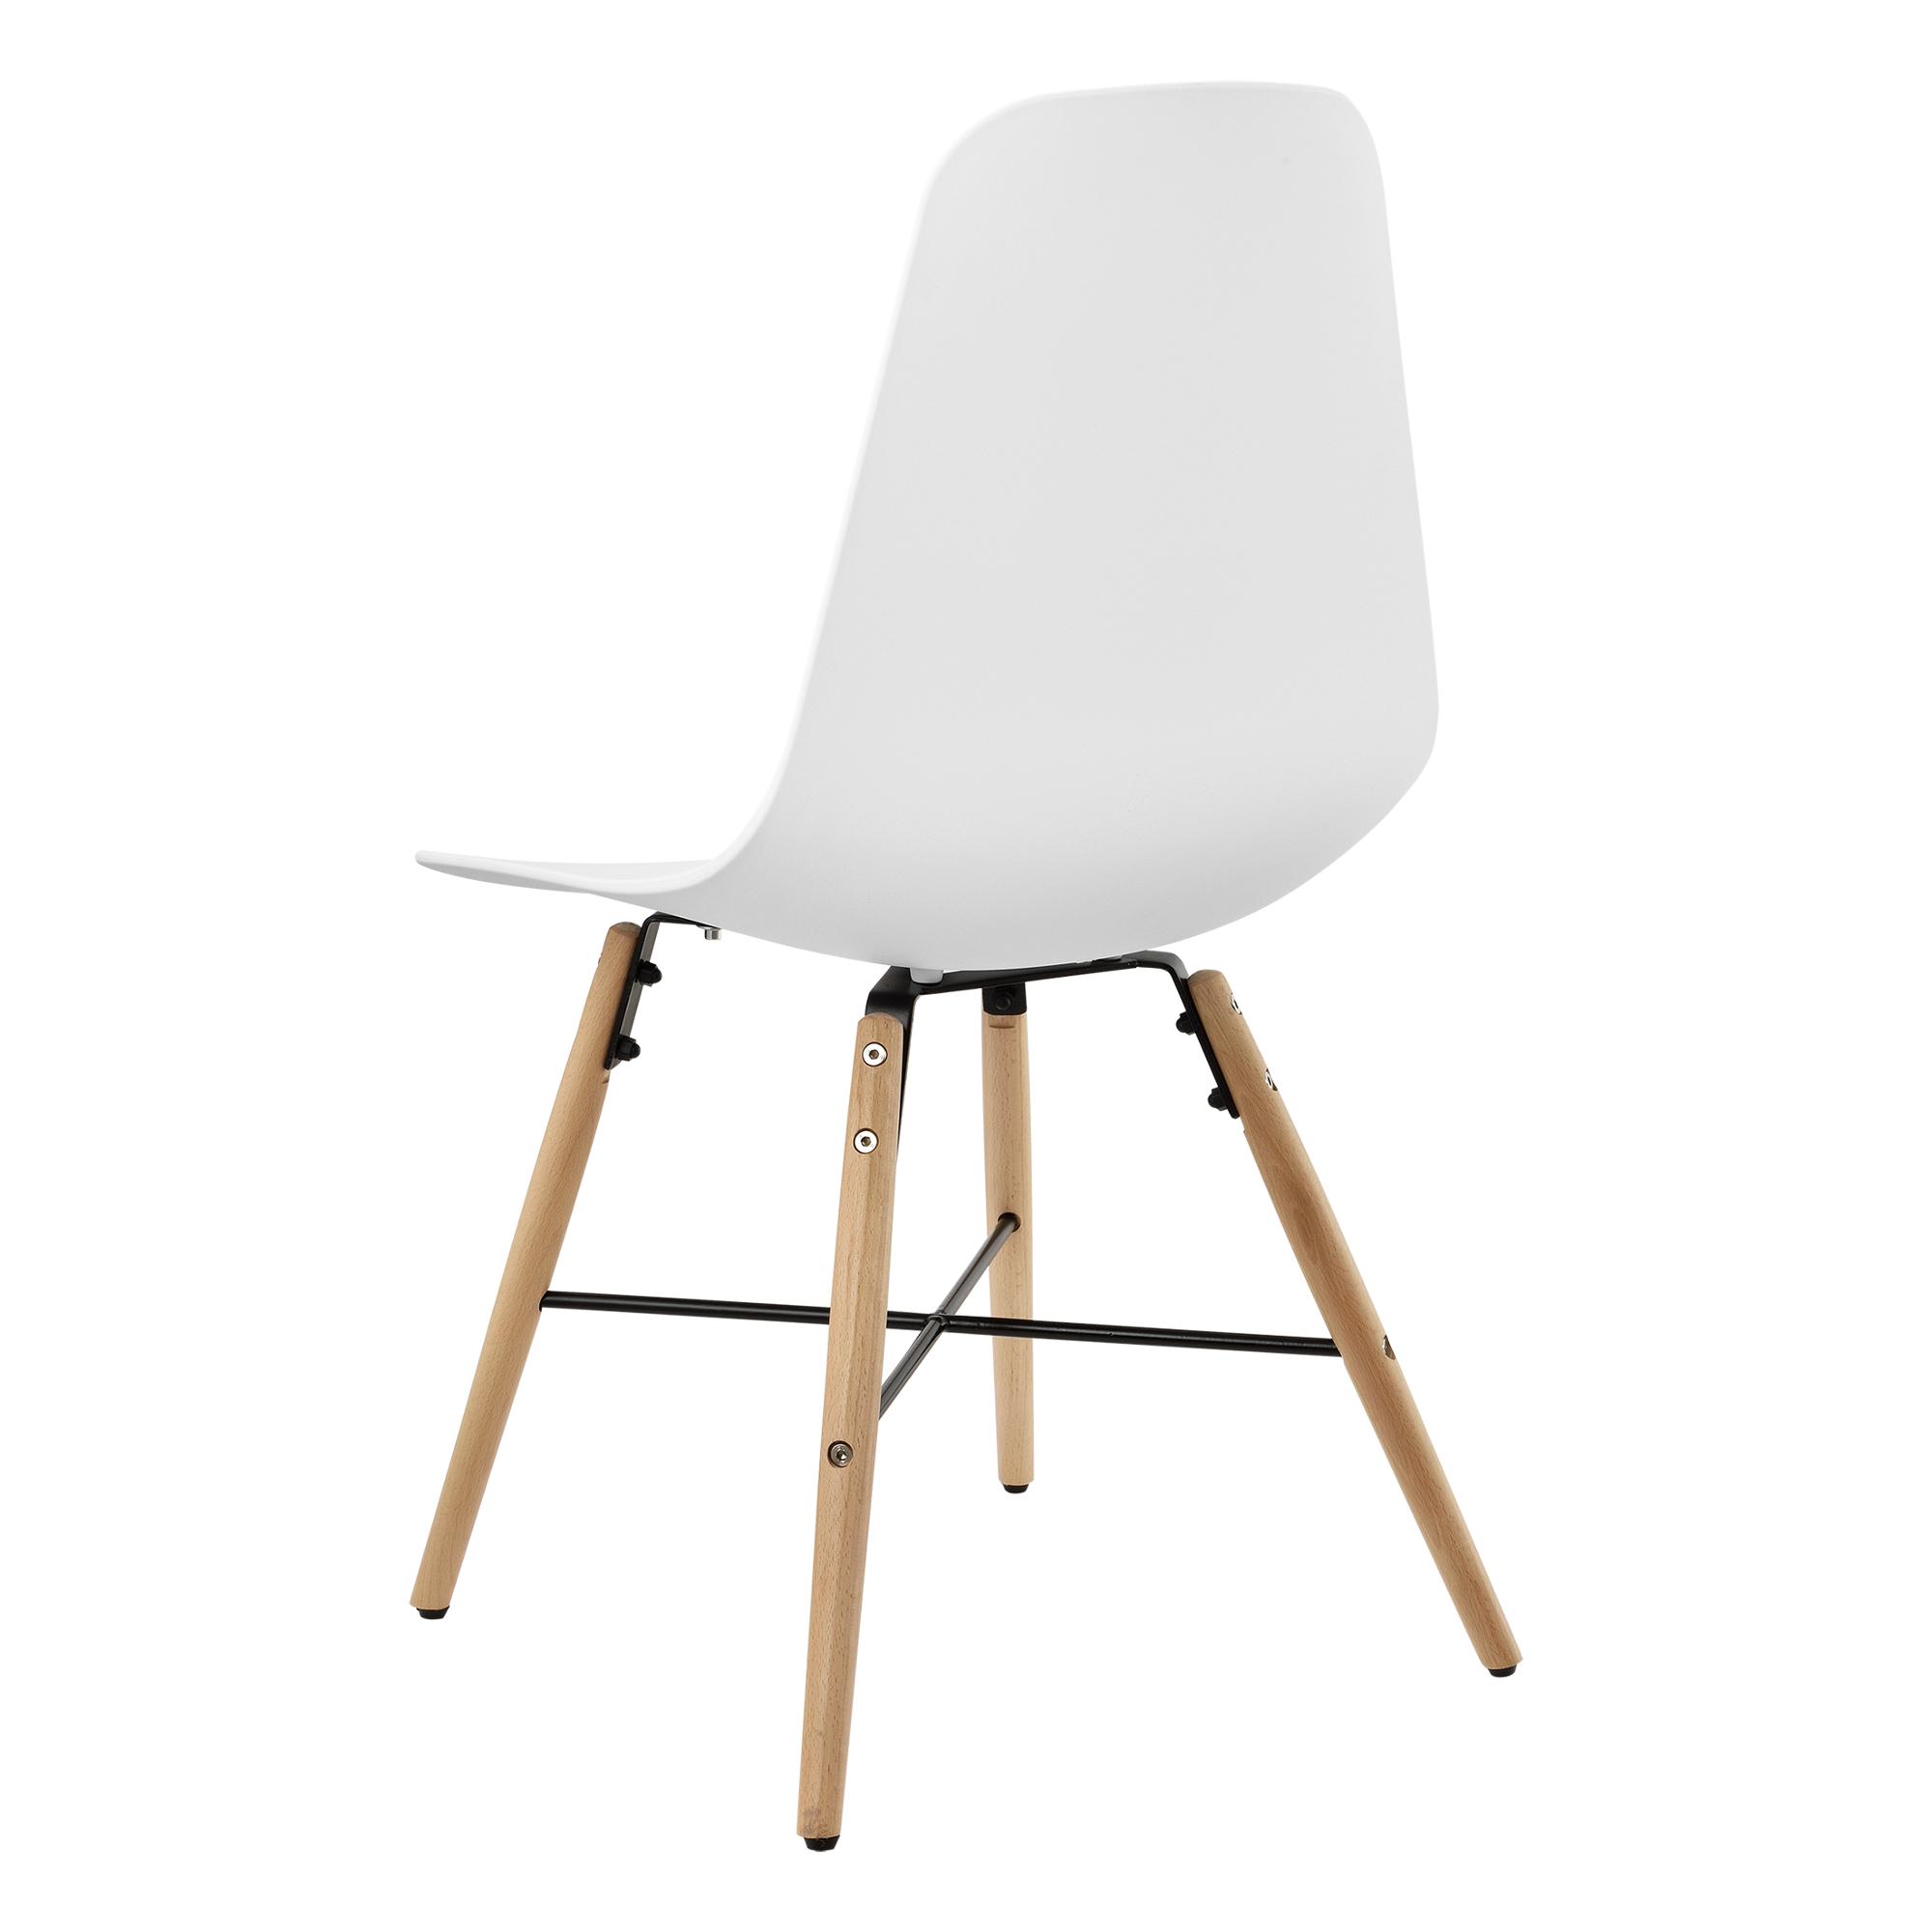 6er set chaise de salle manger plastique blanc for Chaise de salle a manger en plastique